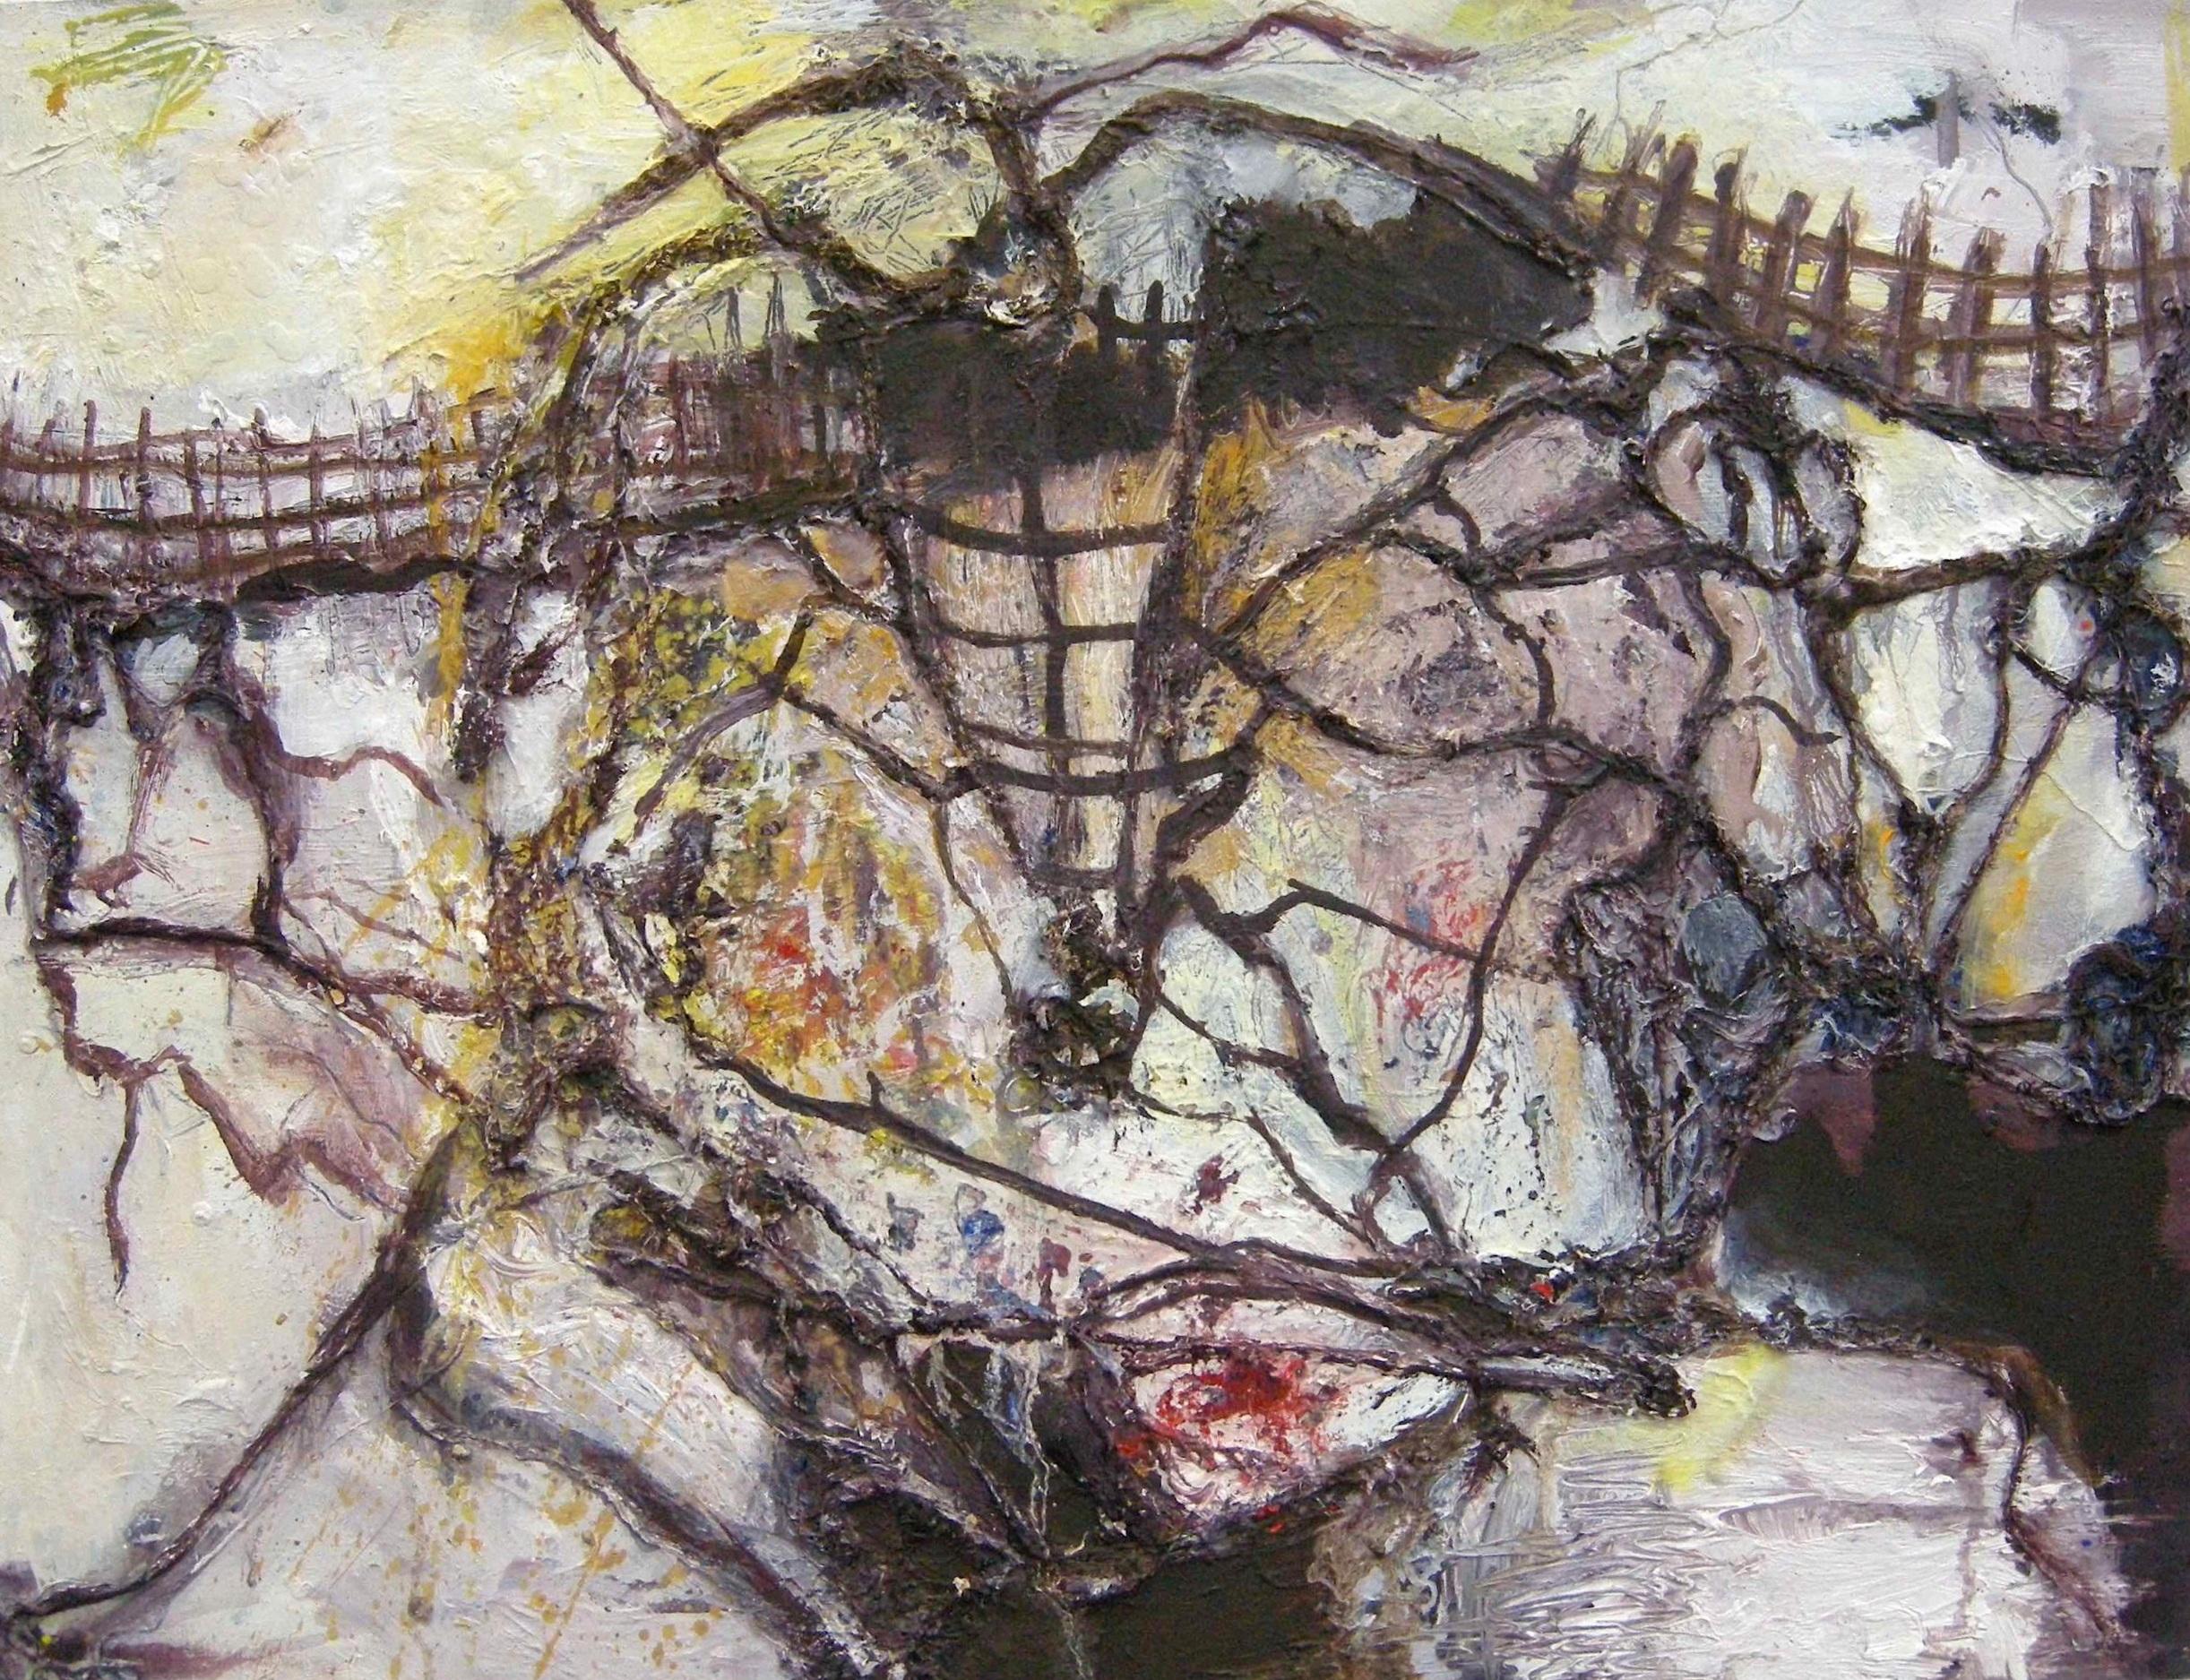 Silta / 2009 / oil, thread on panel / 18.3 x 24 inches / 46.5 x 61 cm